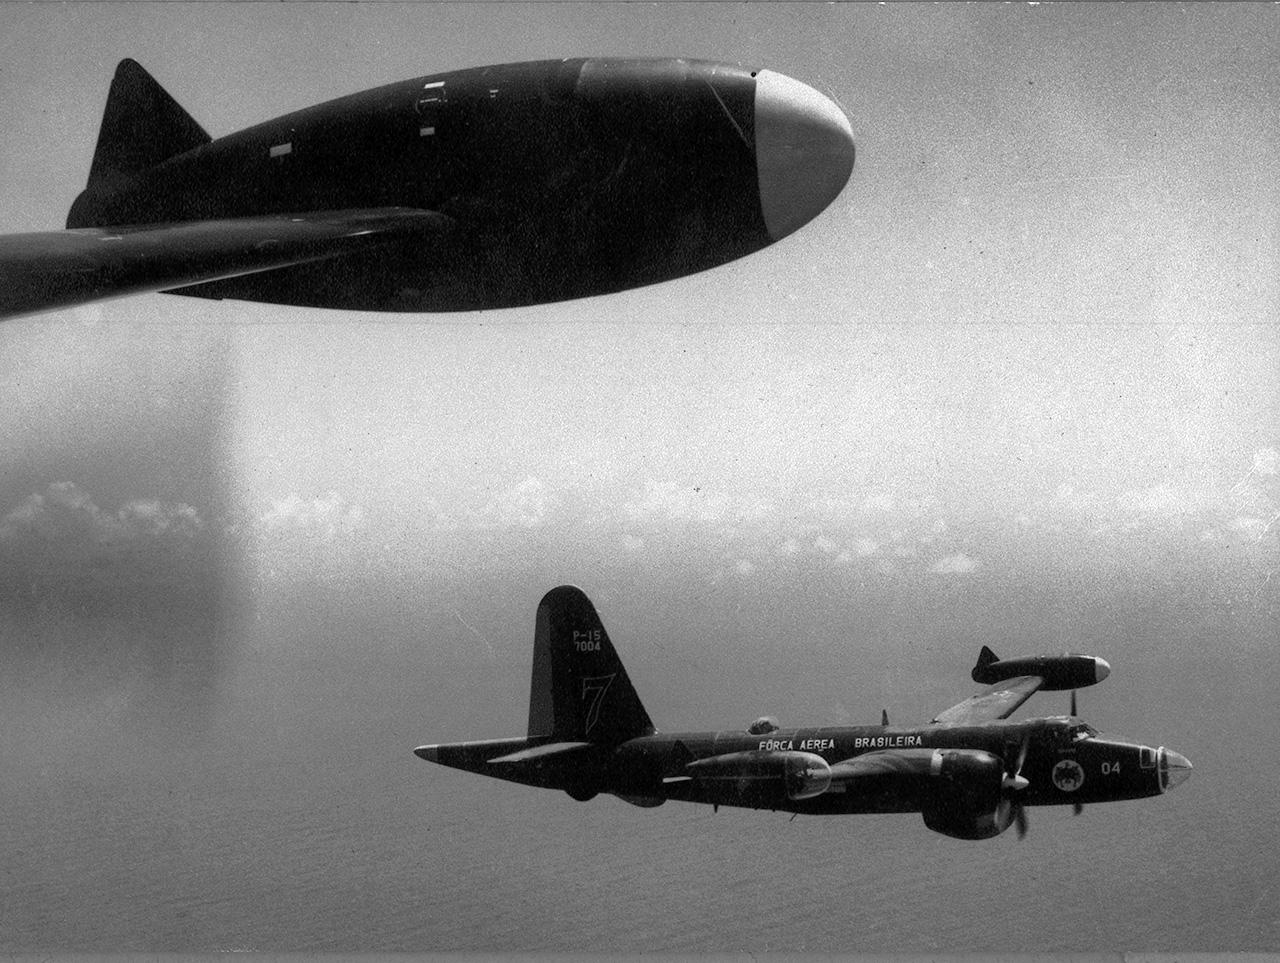 Os P-15 Neptune ainda eram bons aviões de esclarecimento marítimo em 1963. Eles eram operados pelo 1º/7º GAV, baseado em Salvador